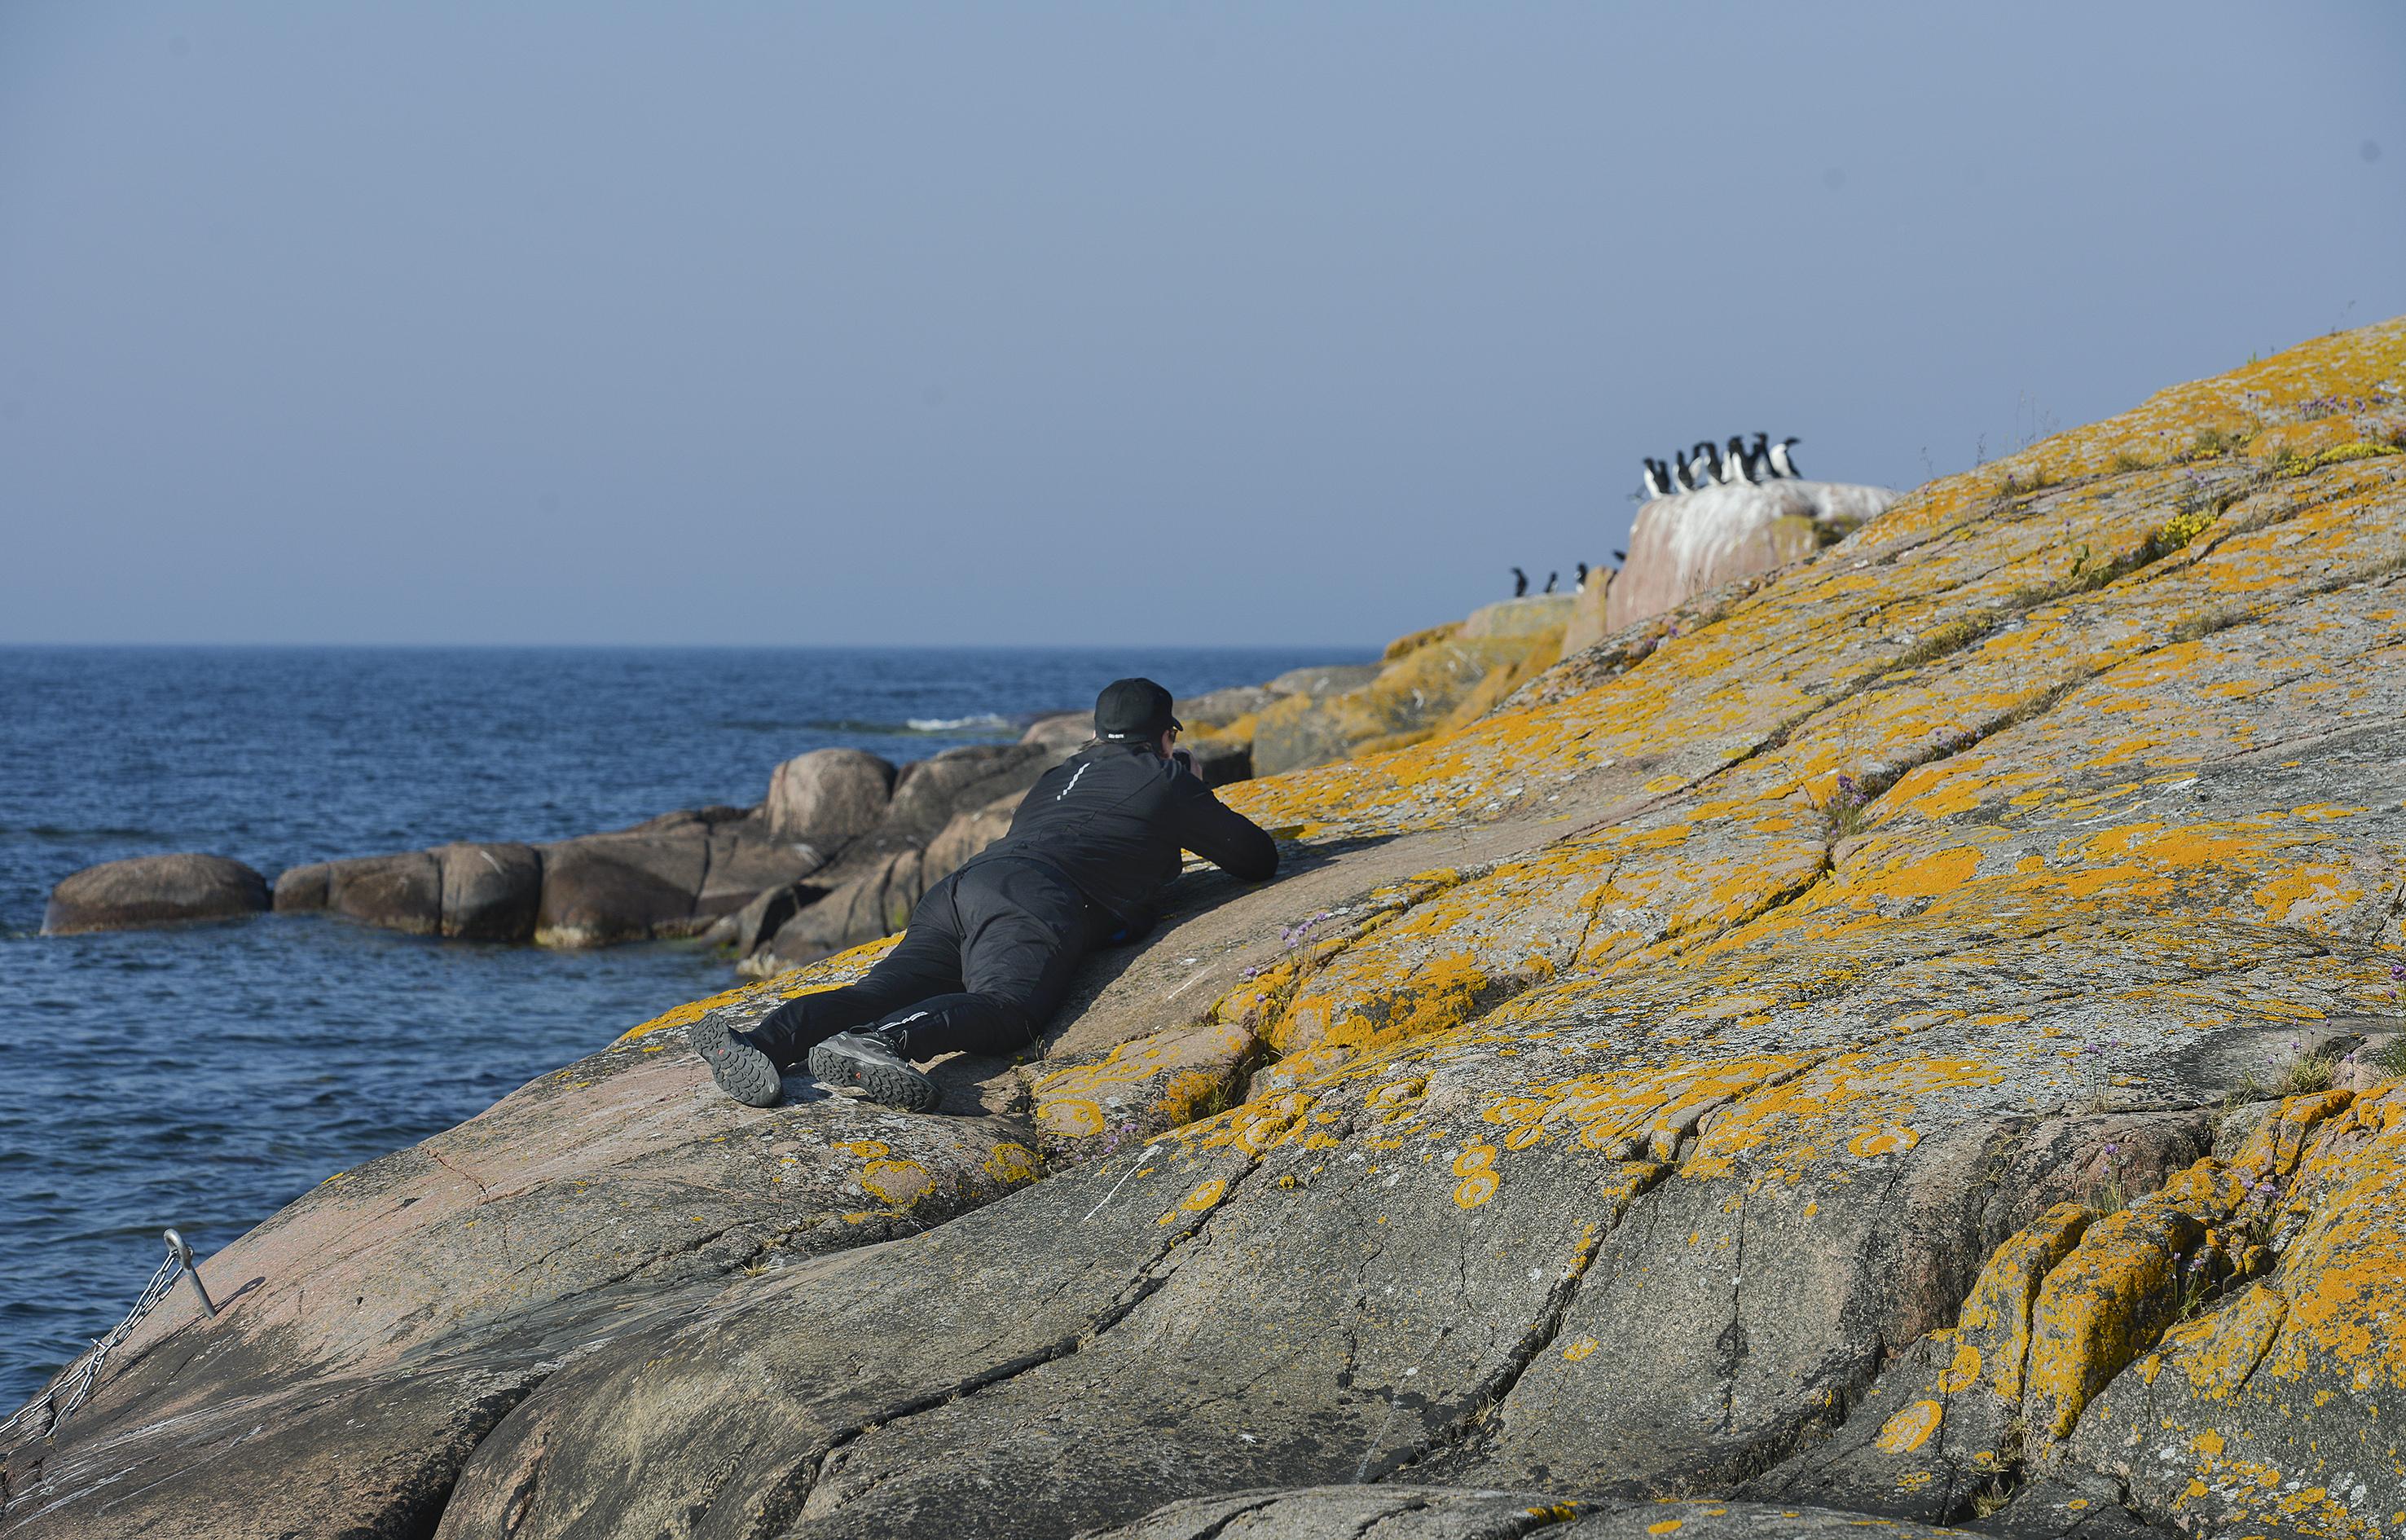 Johan Ekholms bror Filip Ekholm var med och fotograferade fåglar under sin semester.